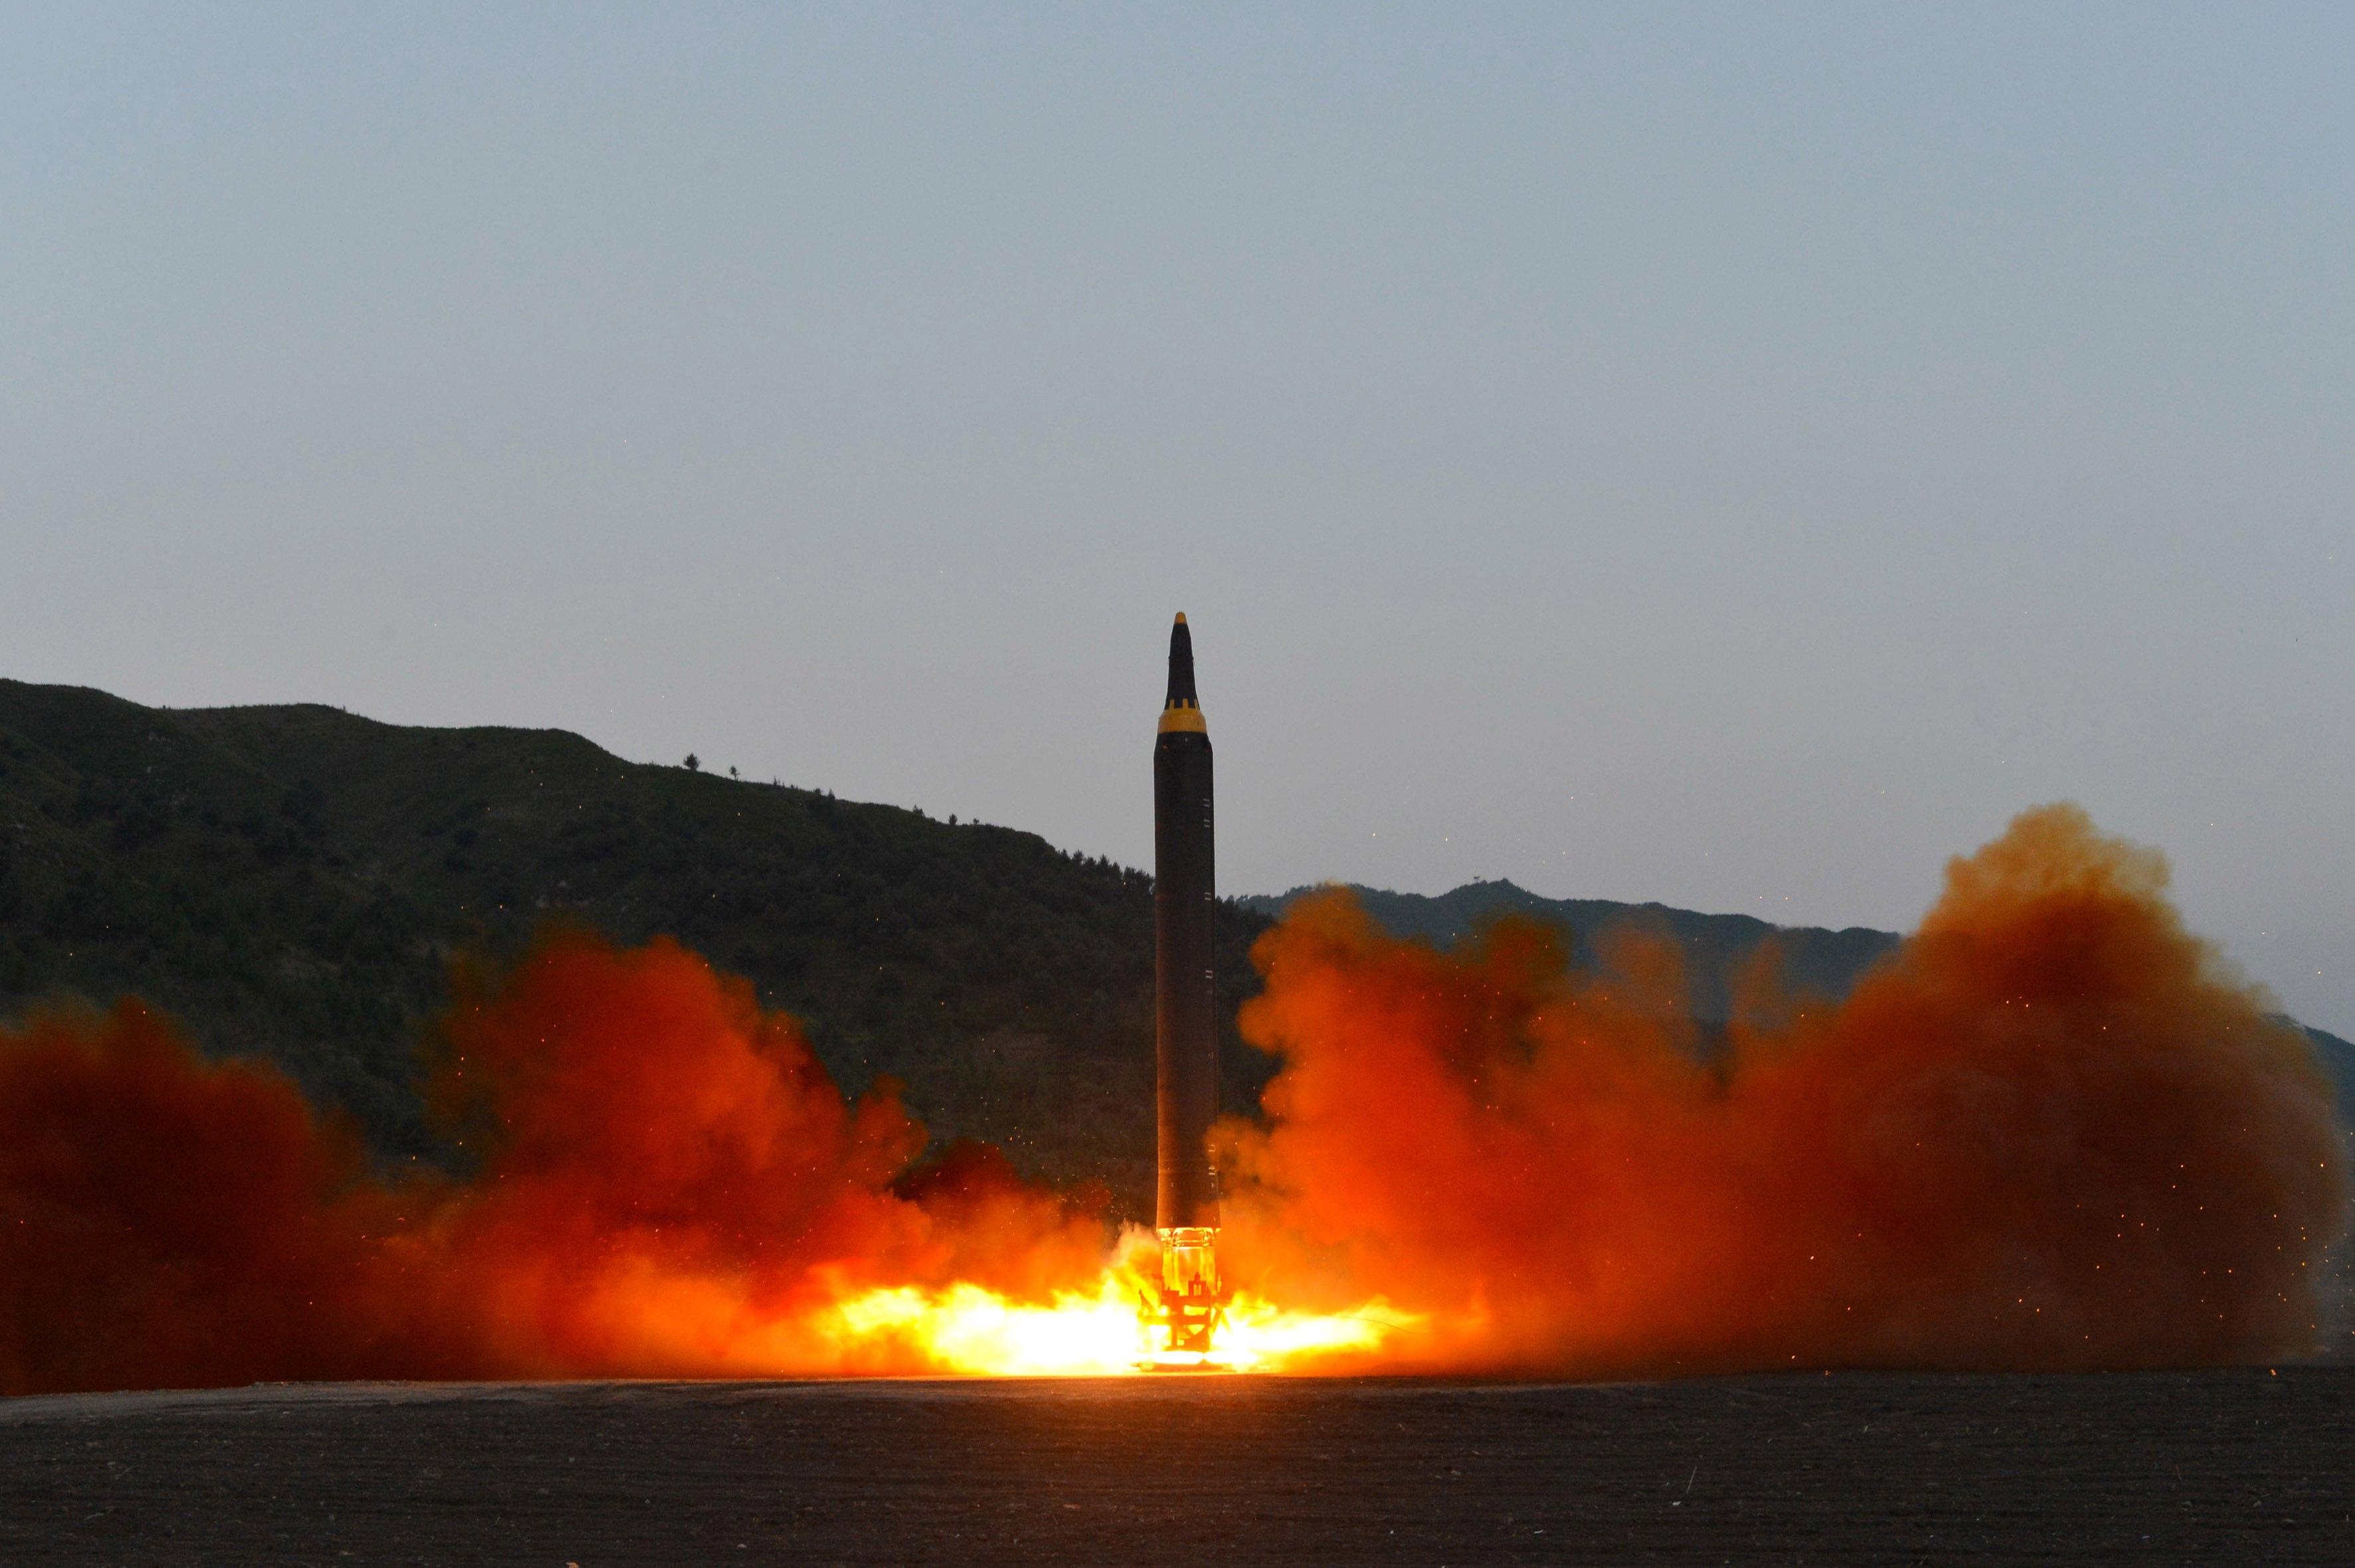 Sjeverna Koreja ispalila balističku raketu u more na istočnoj obali